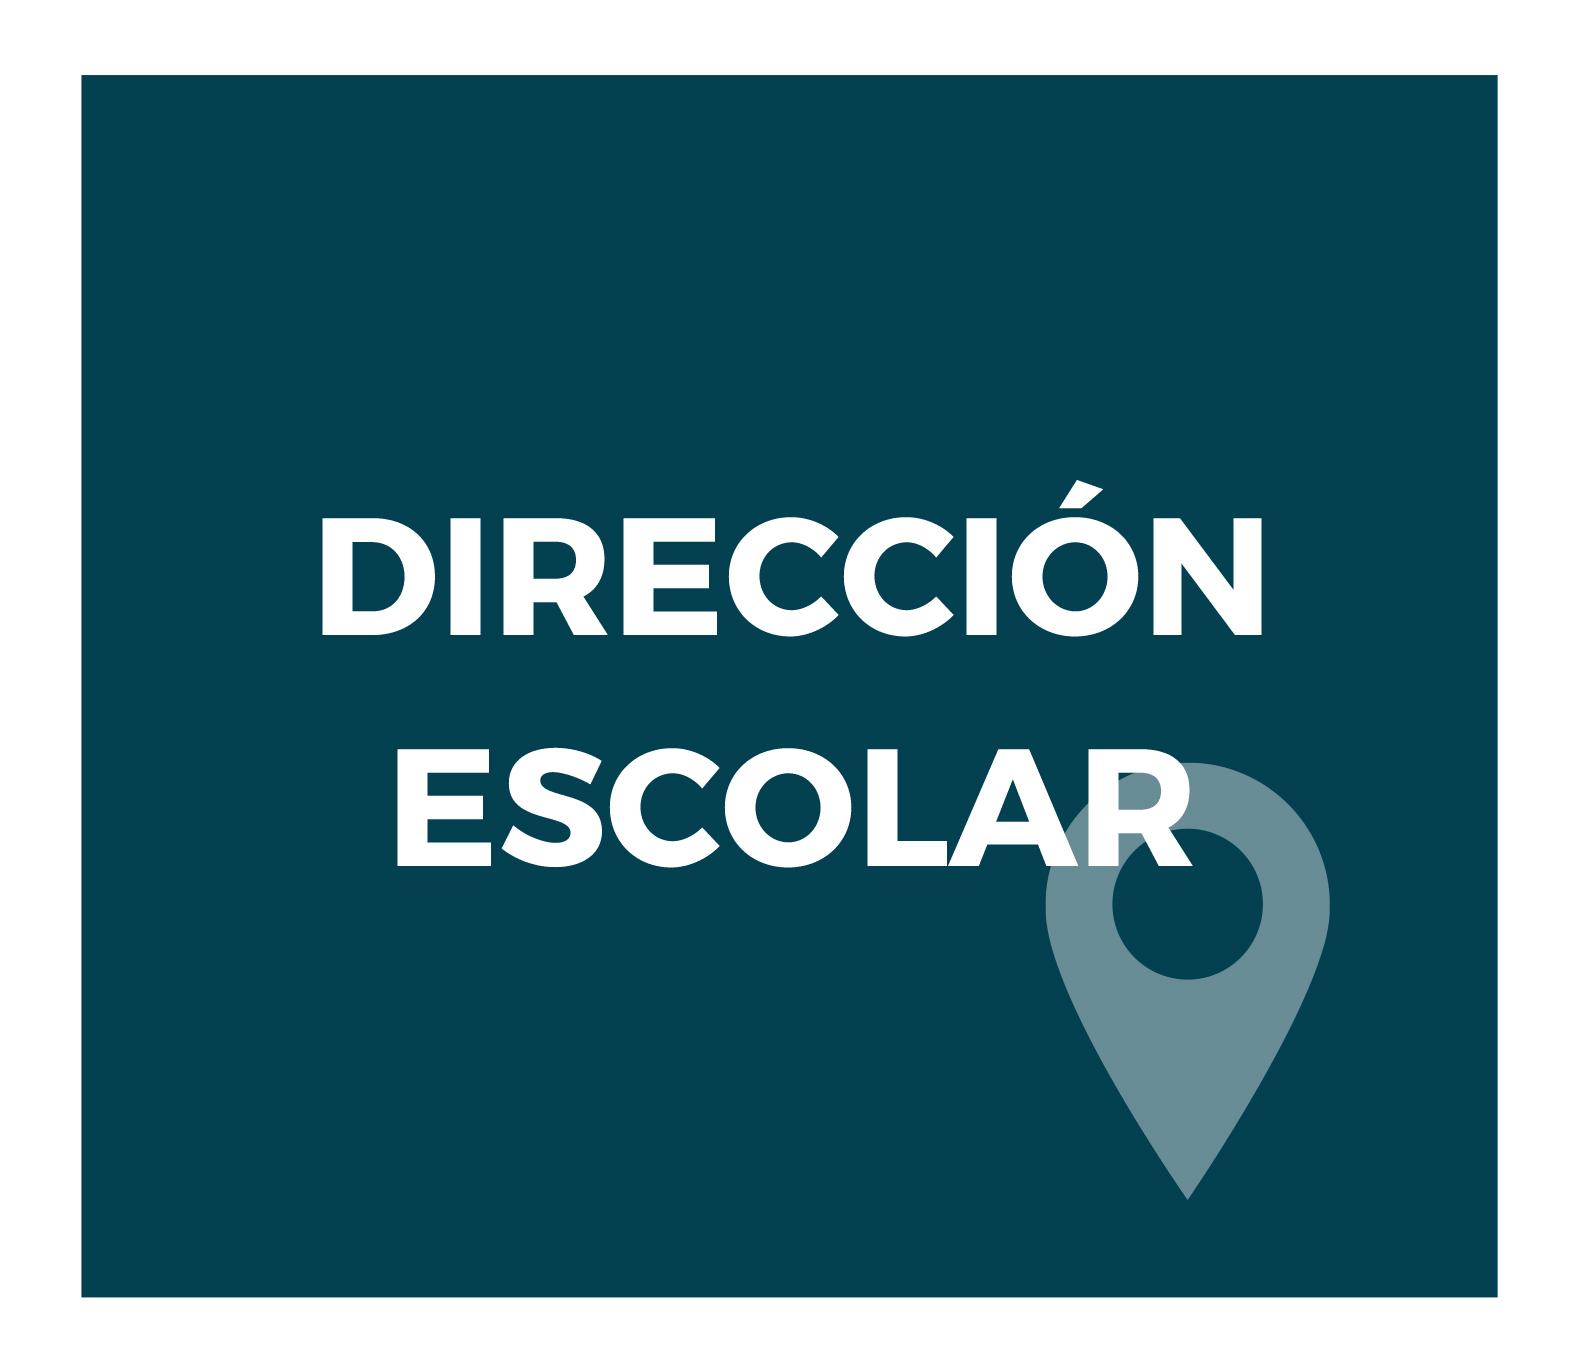 Dirección (direccion.jpg)